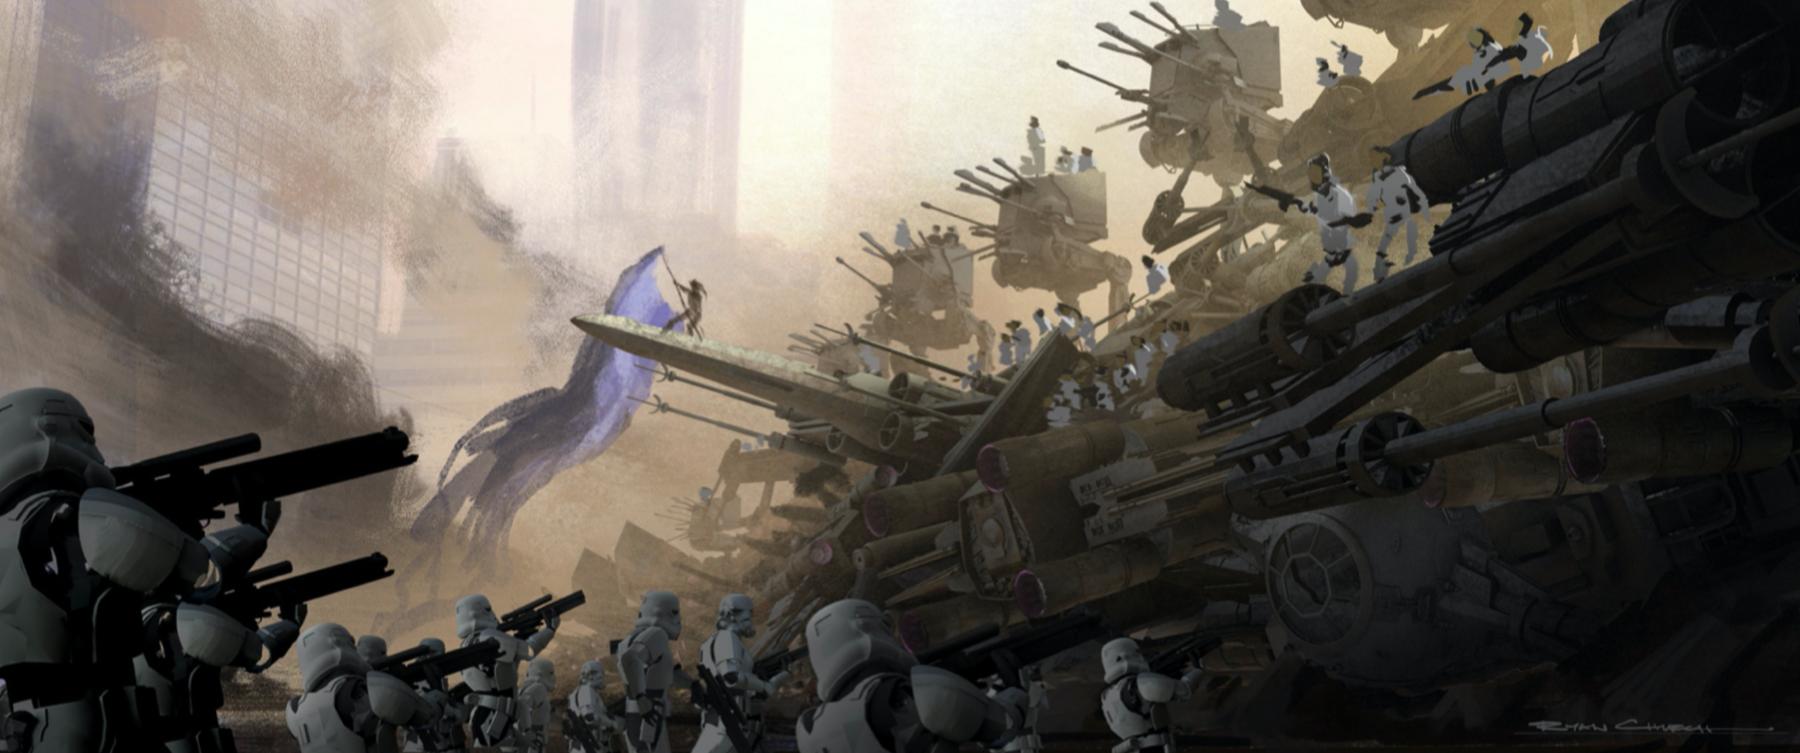 Штурмовики готовятся к битве против жителей Корусанта